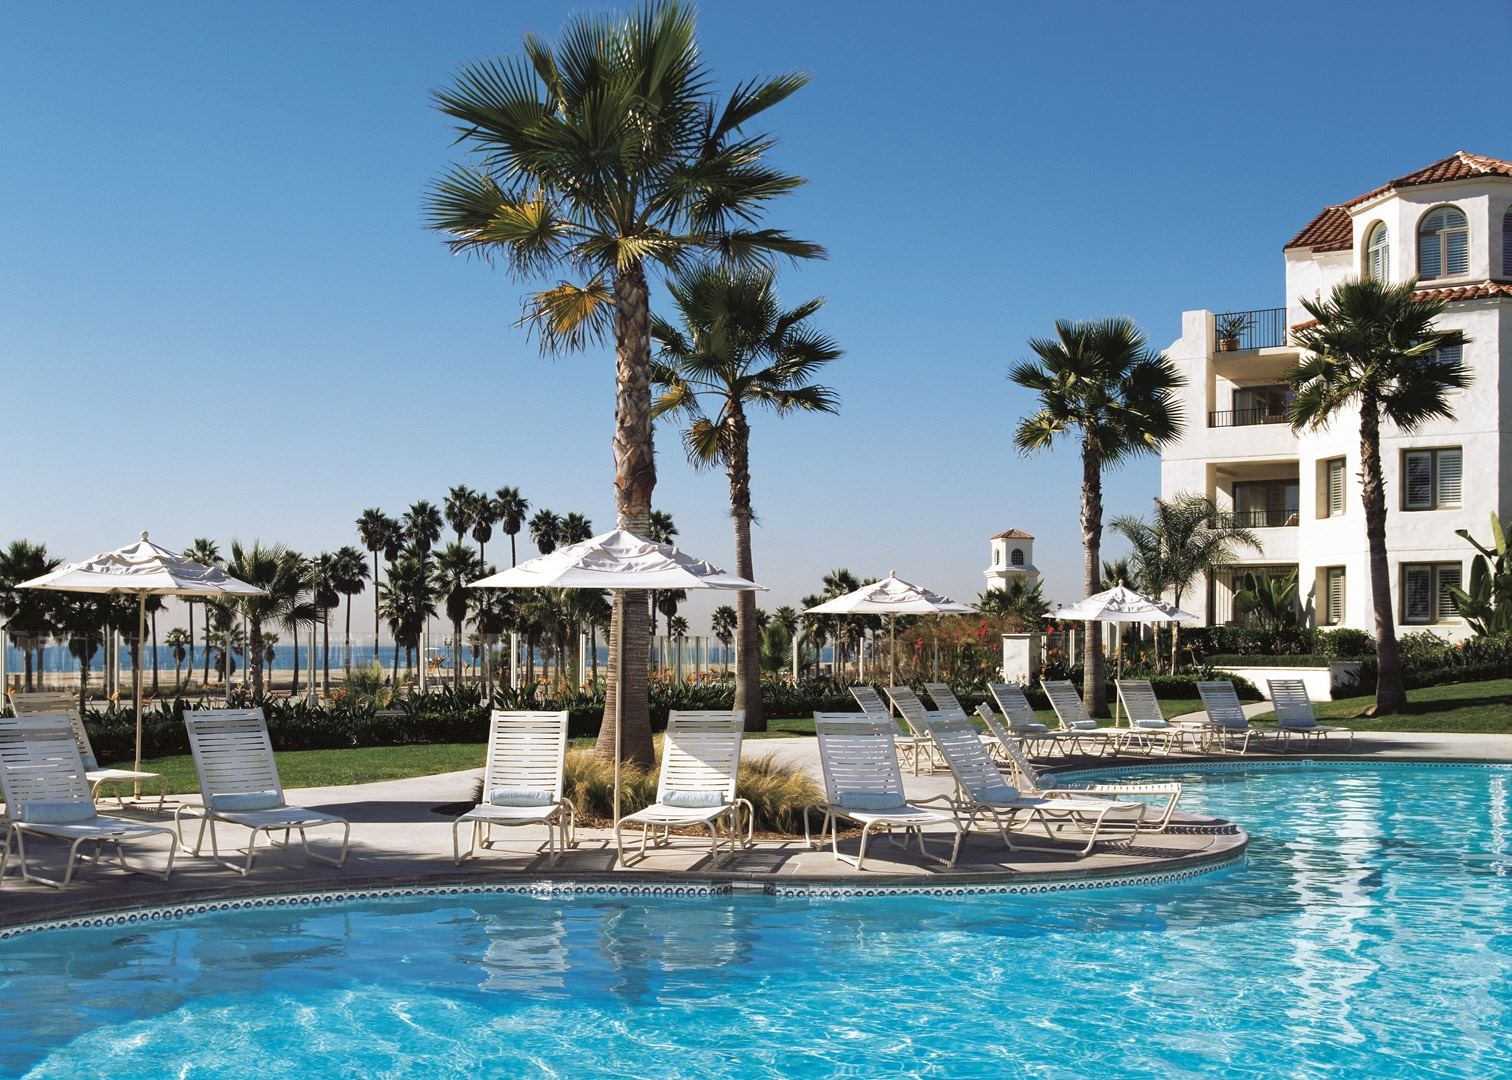 Hyatt Regency Huntington Beach Resort And Spa Los Angeles